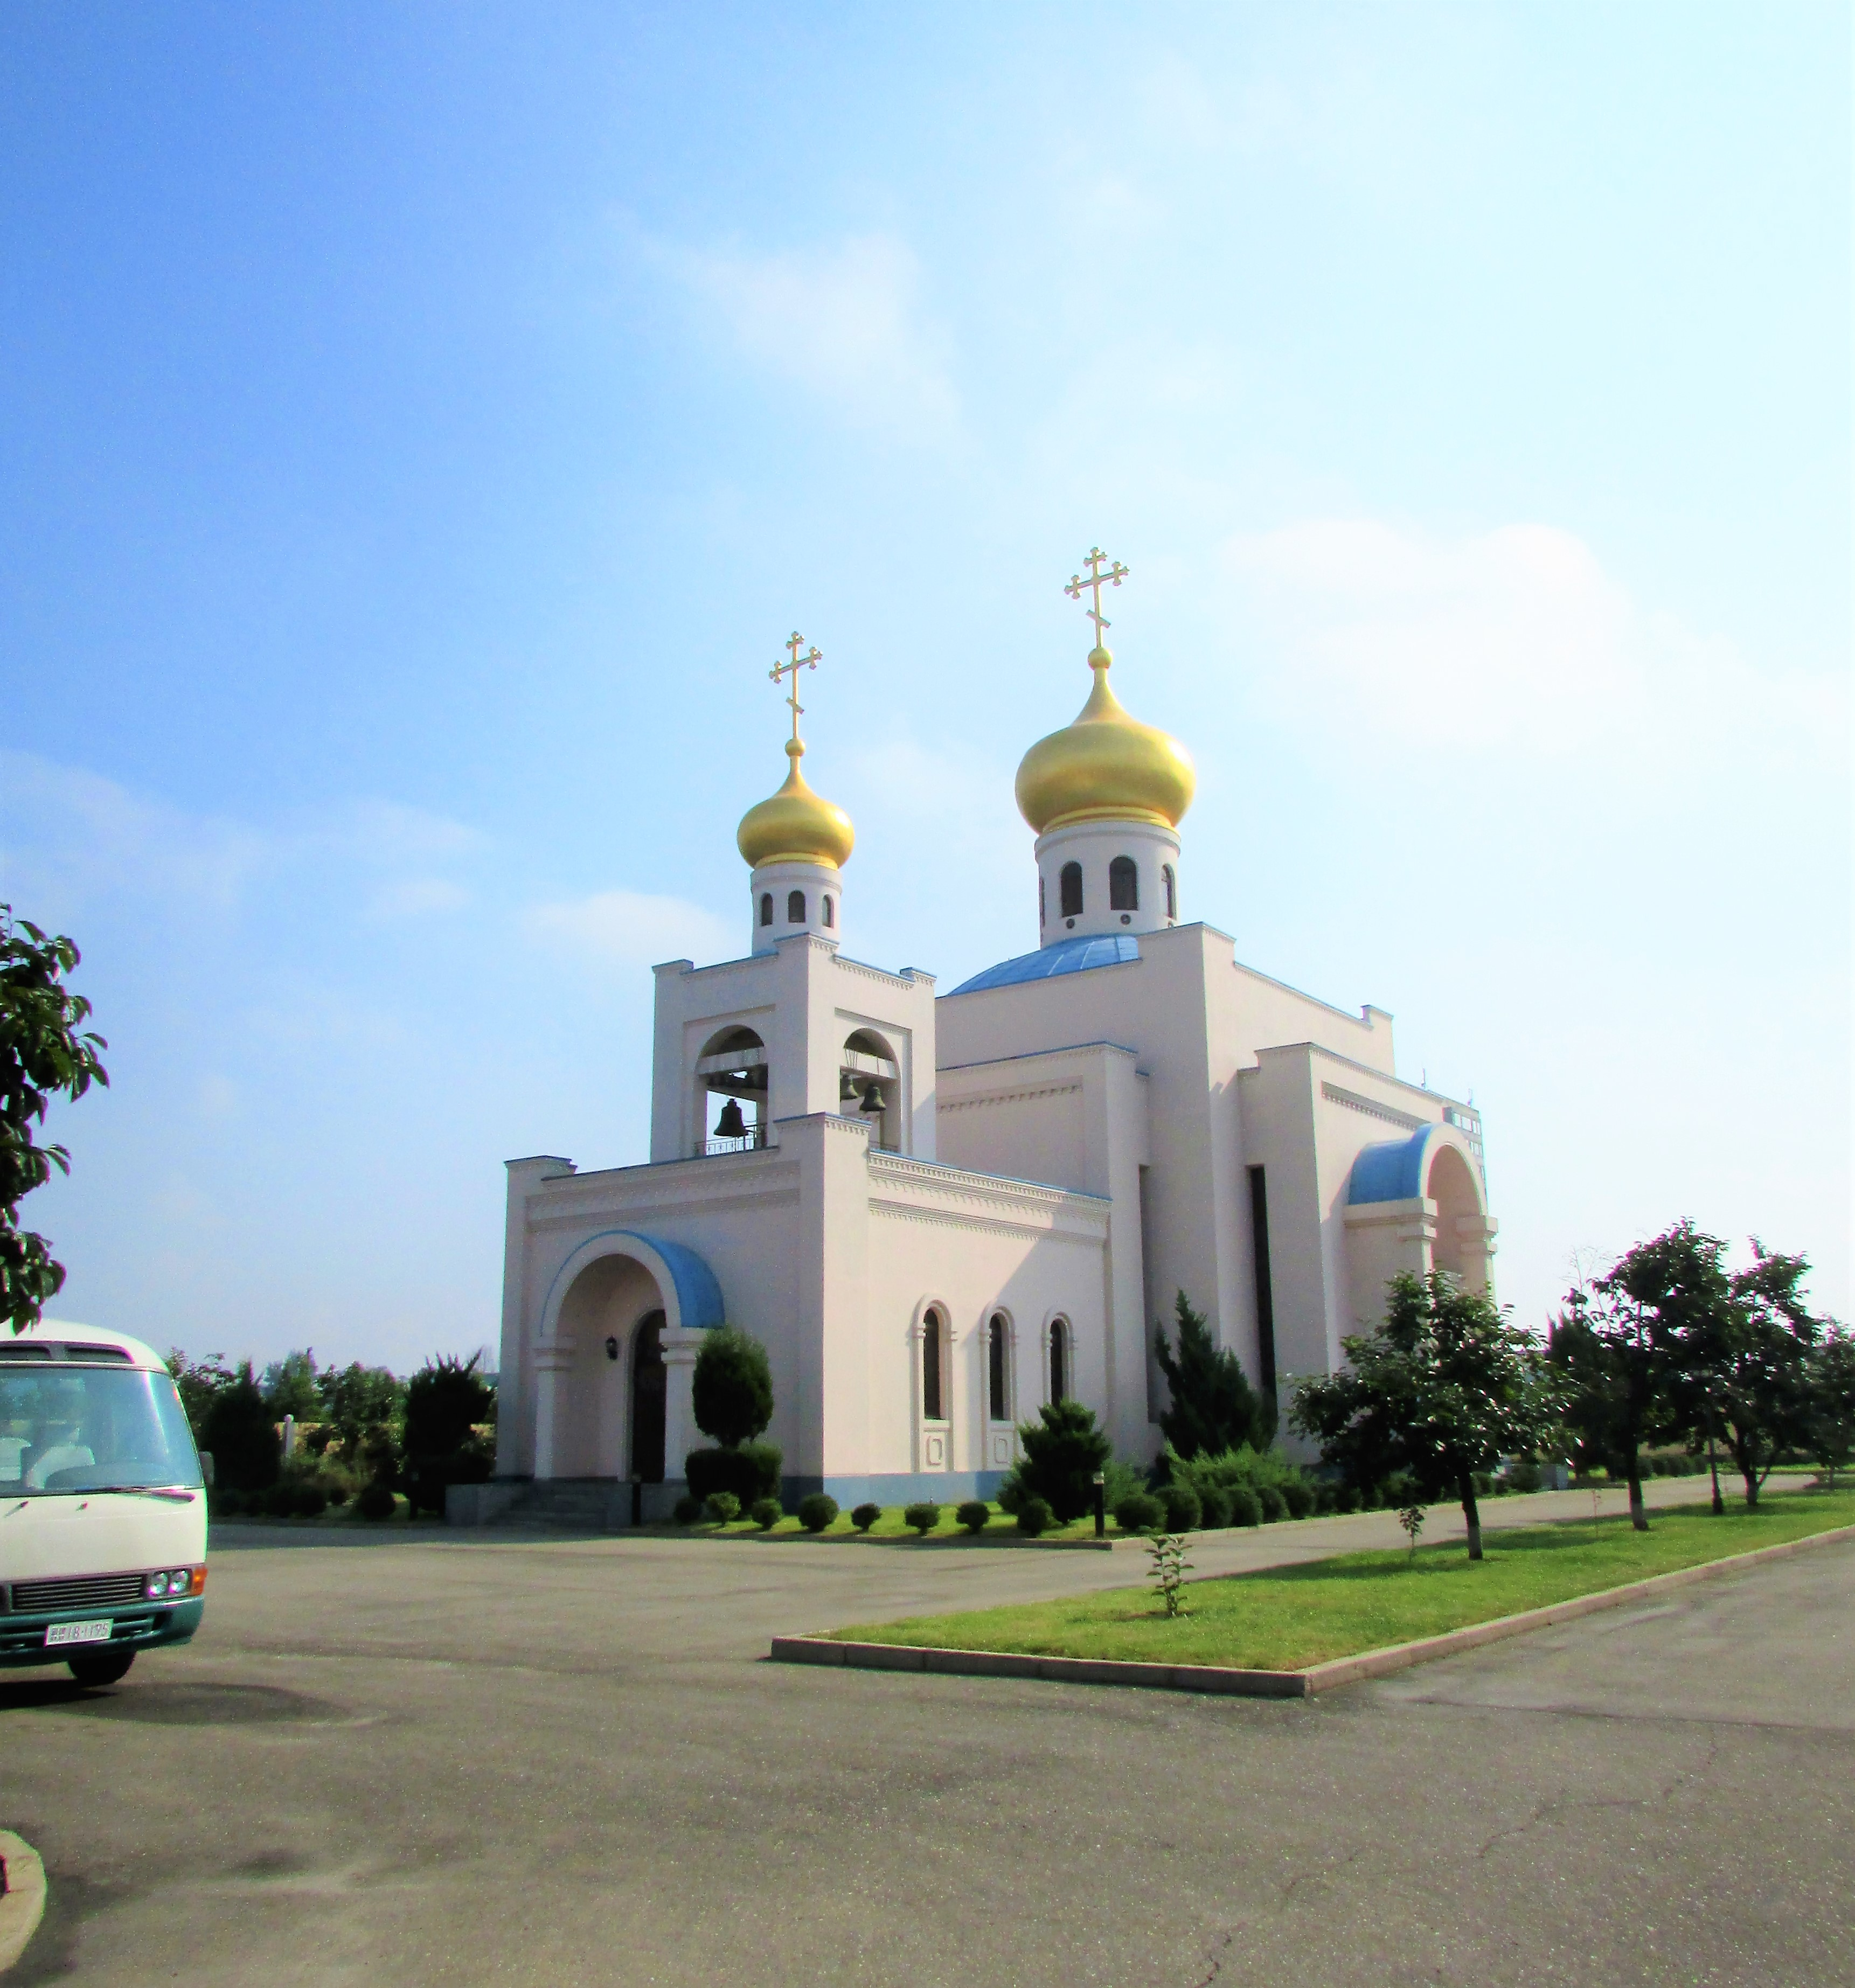 Северная Корея. Церковь